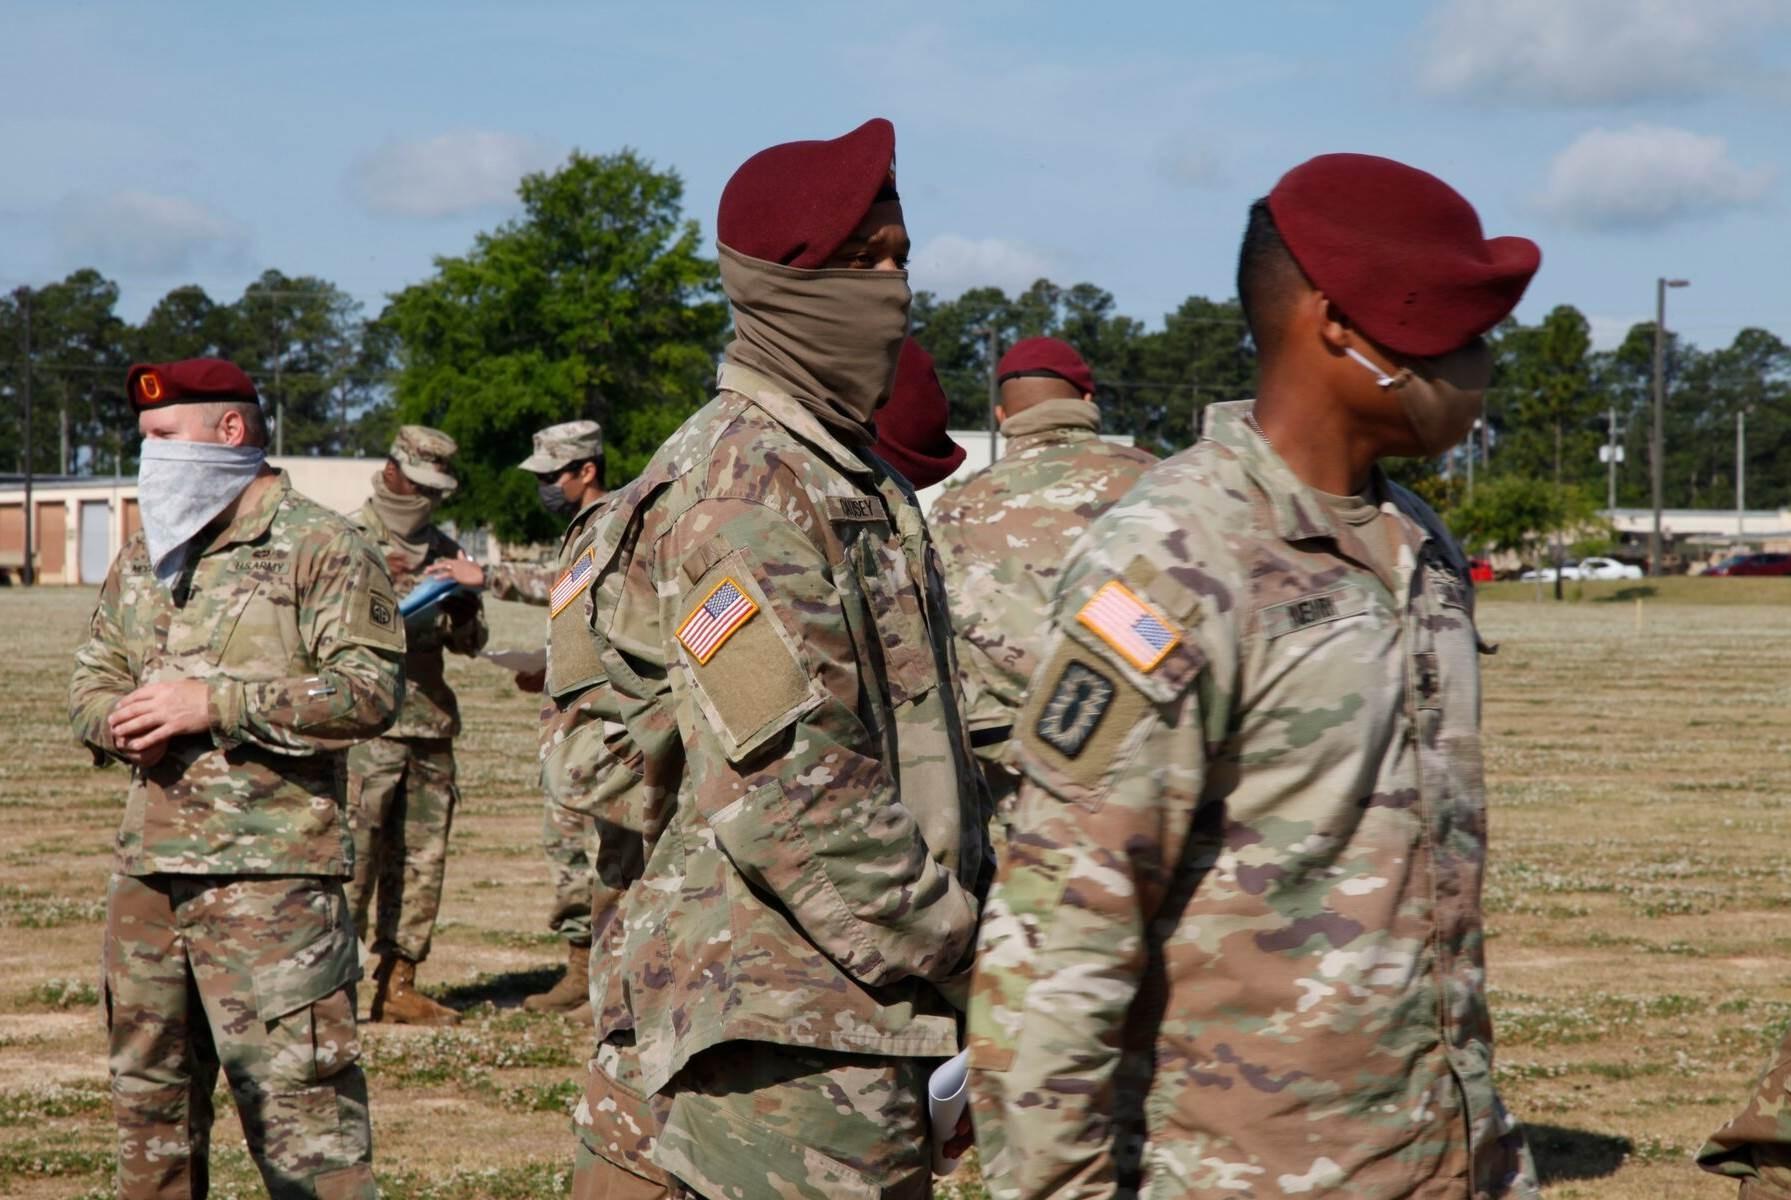 يمكن أن يساهم العسكريون الأميركيون في نقل الوباء إلى المجتمعات المحلية.